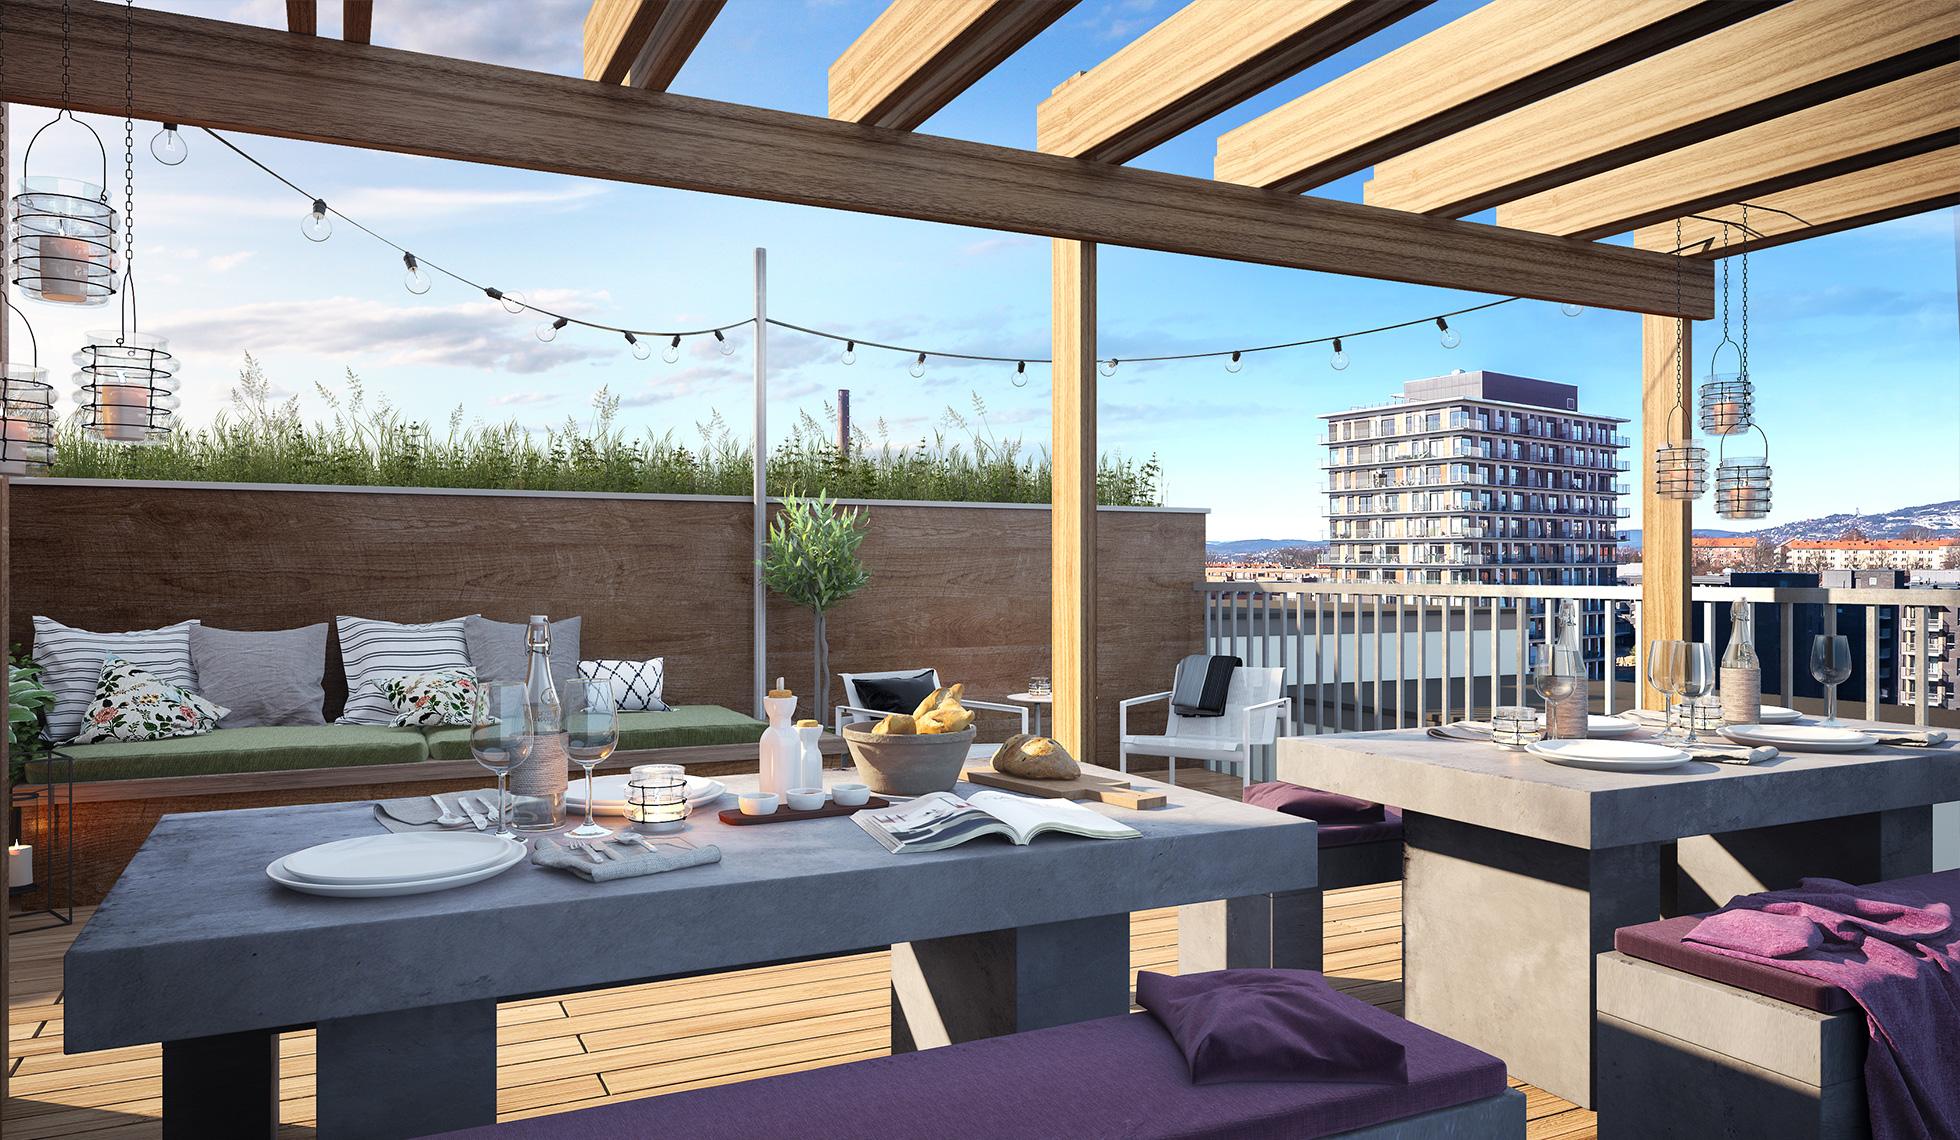 leiligheter-ensjo-oslo-eksterior-balkong-takterrasse-dag-1